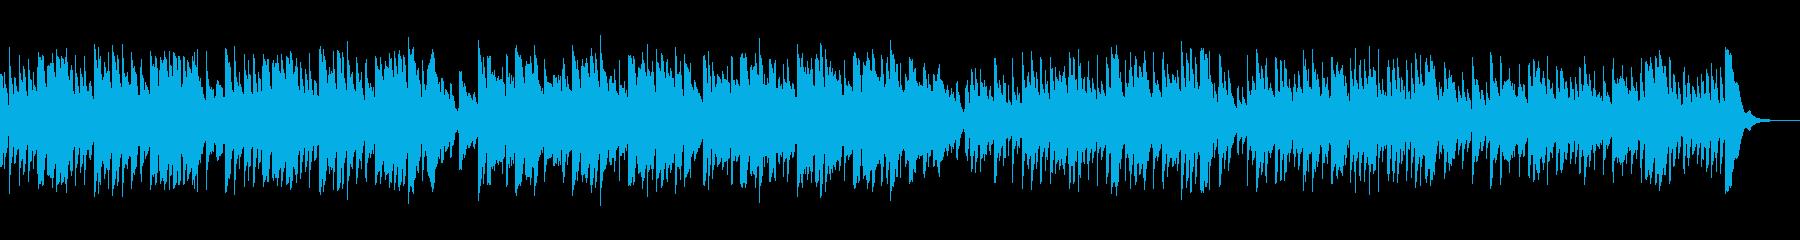 動画 センチメンタル クール 懐か...の再生済みの波形